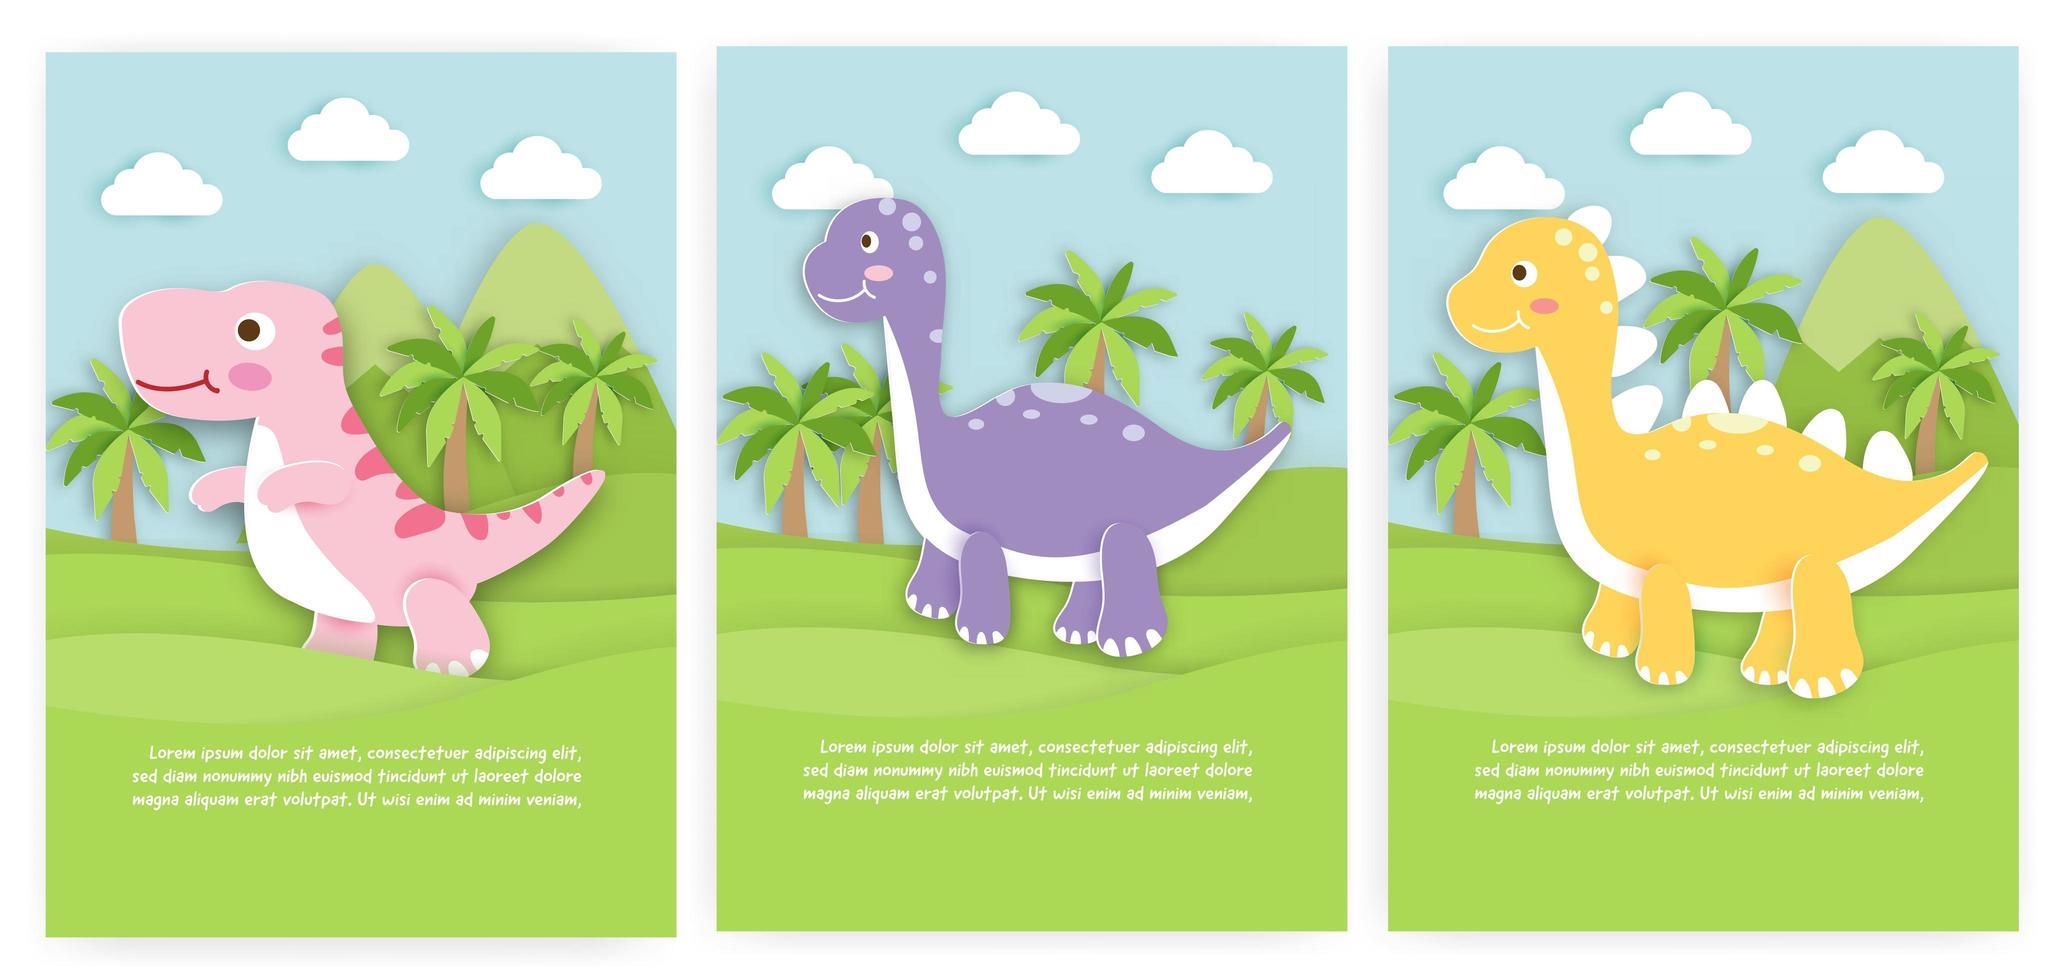 Kartensatz mit Dinosauriern im Papierschnitt vektor